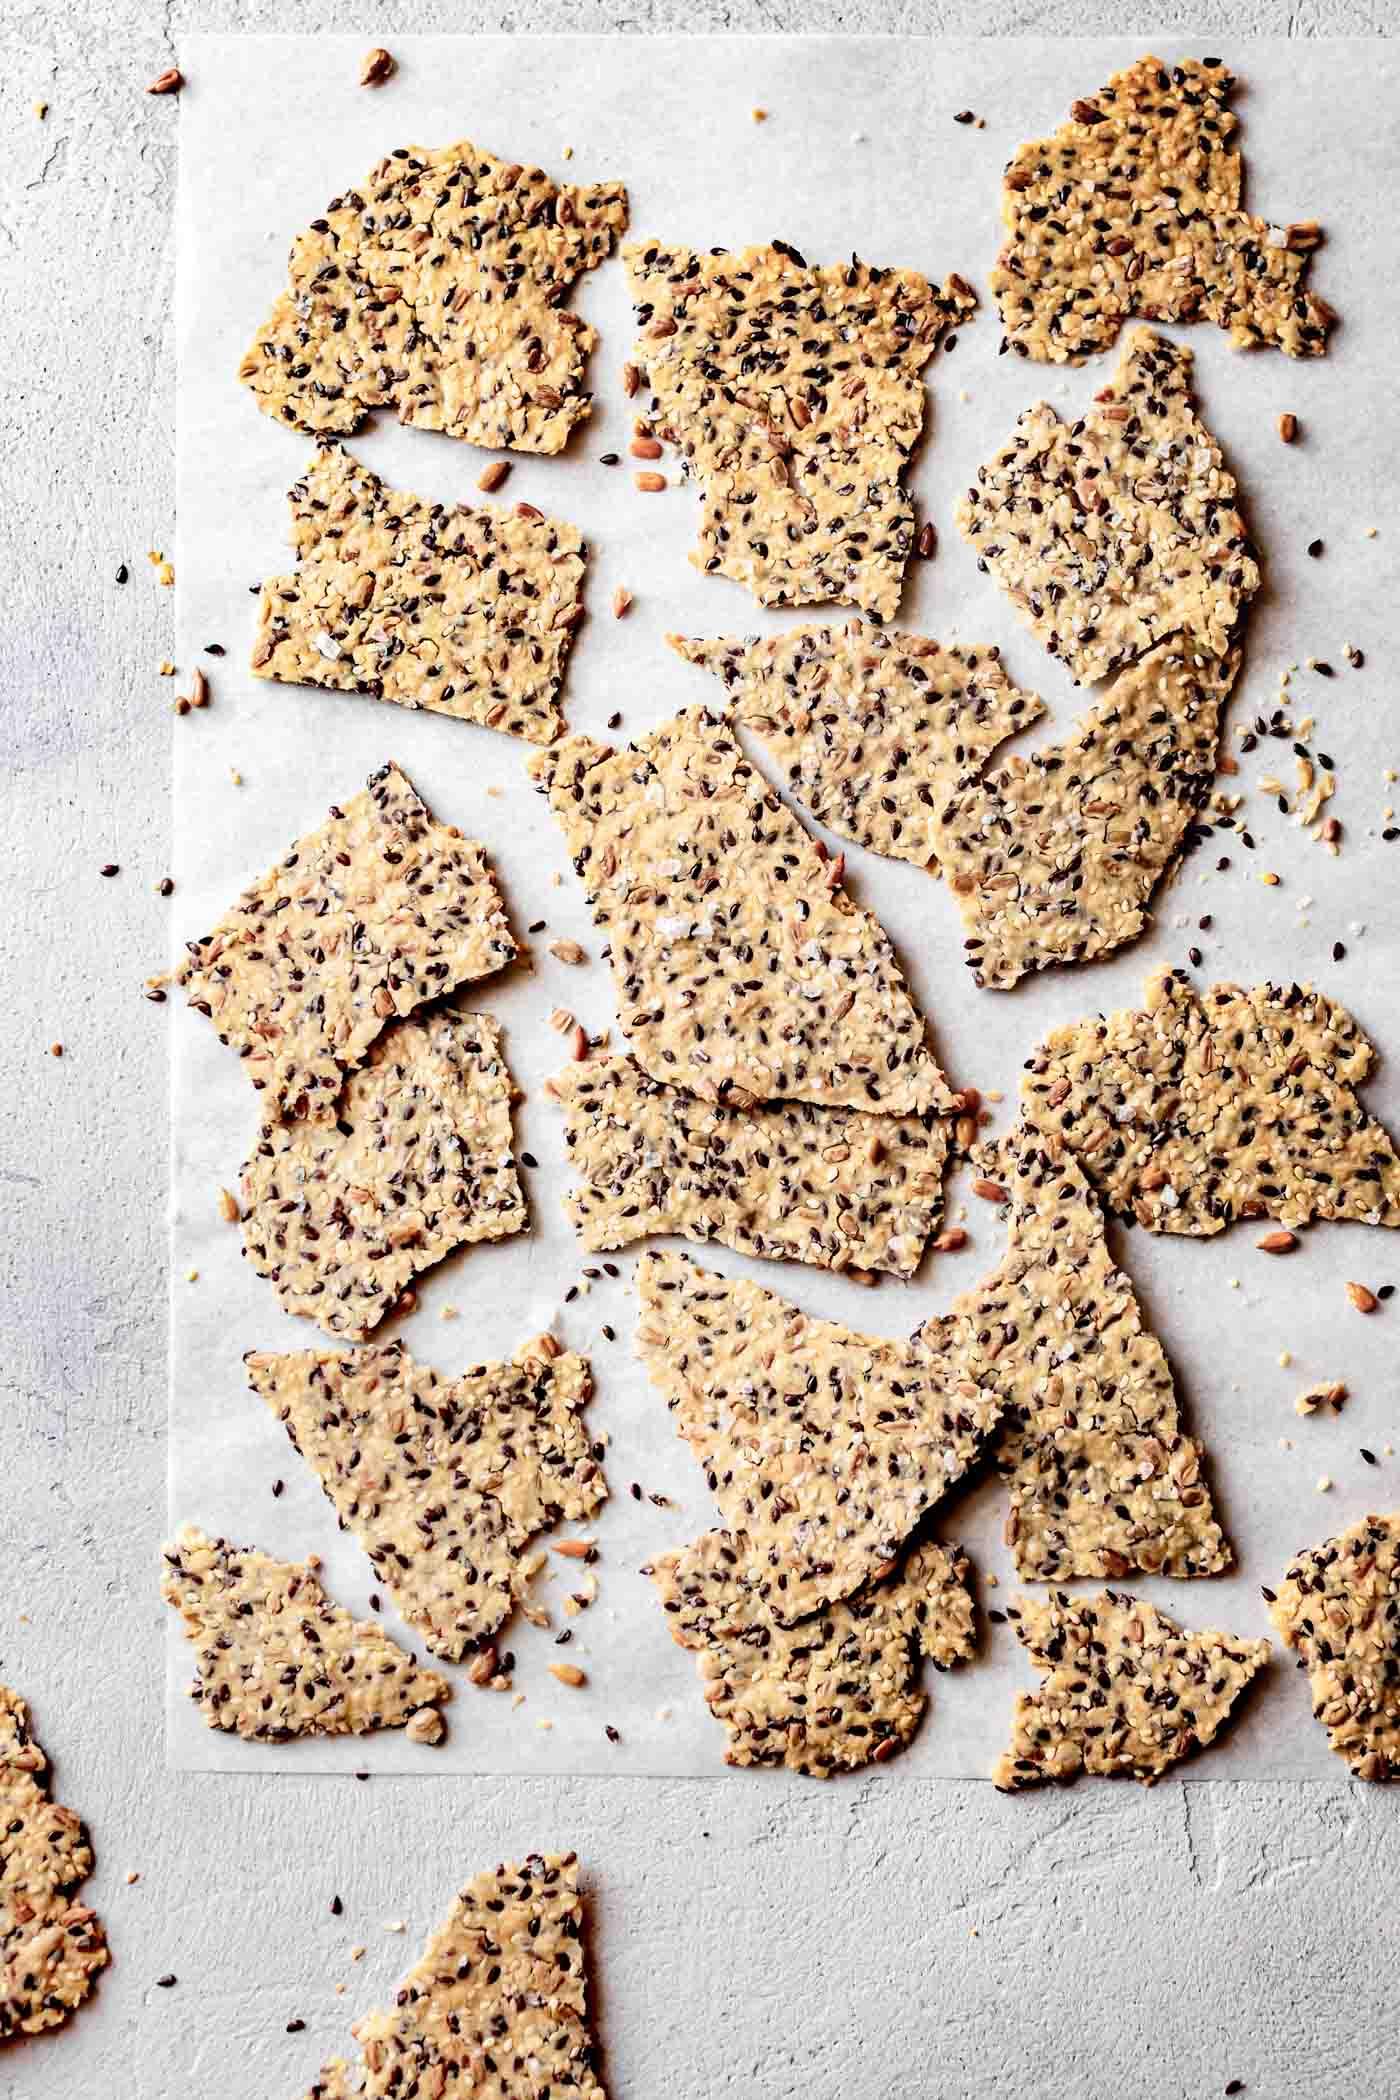 cassava flour crackers on a board